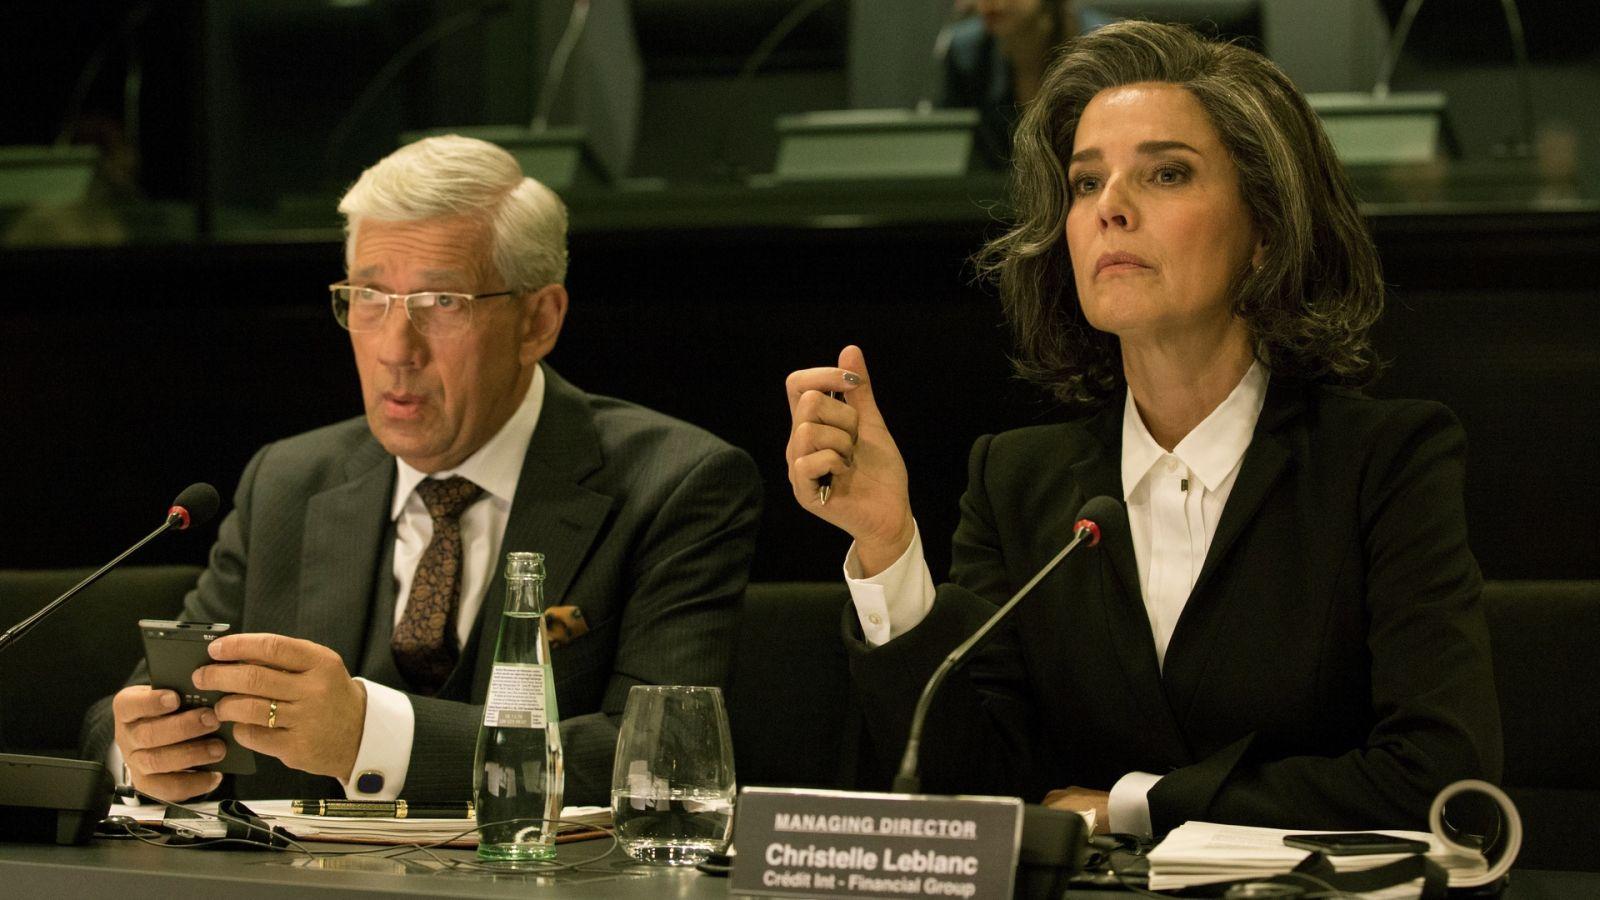 Désirée Nosbusch und Germain Wagner in einer Verhandlung in der Serie Bad Banks